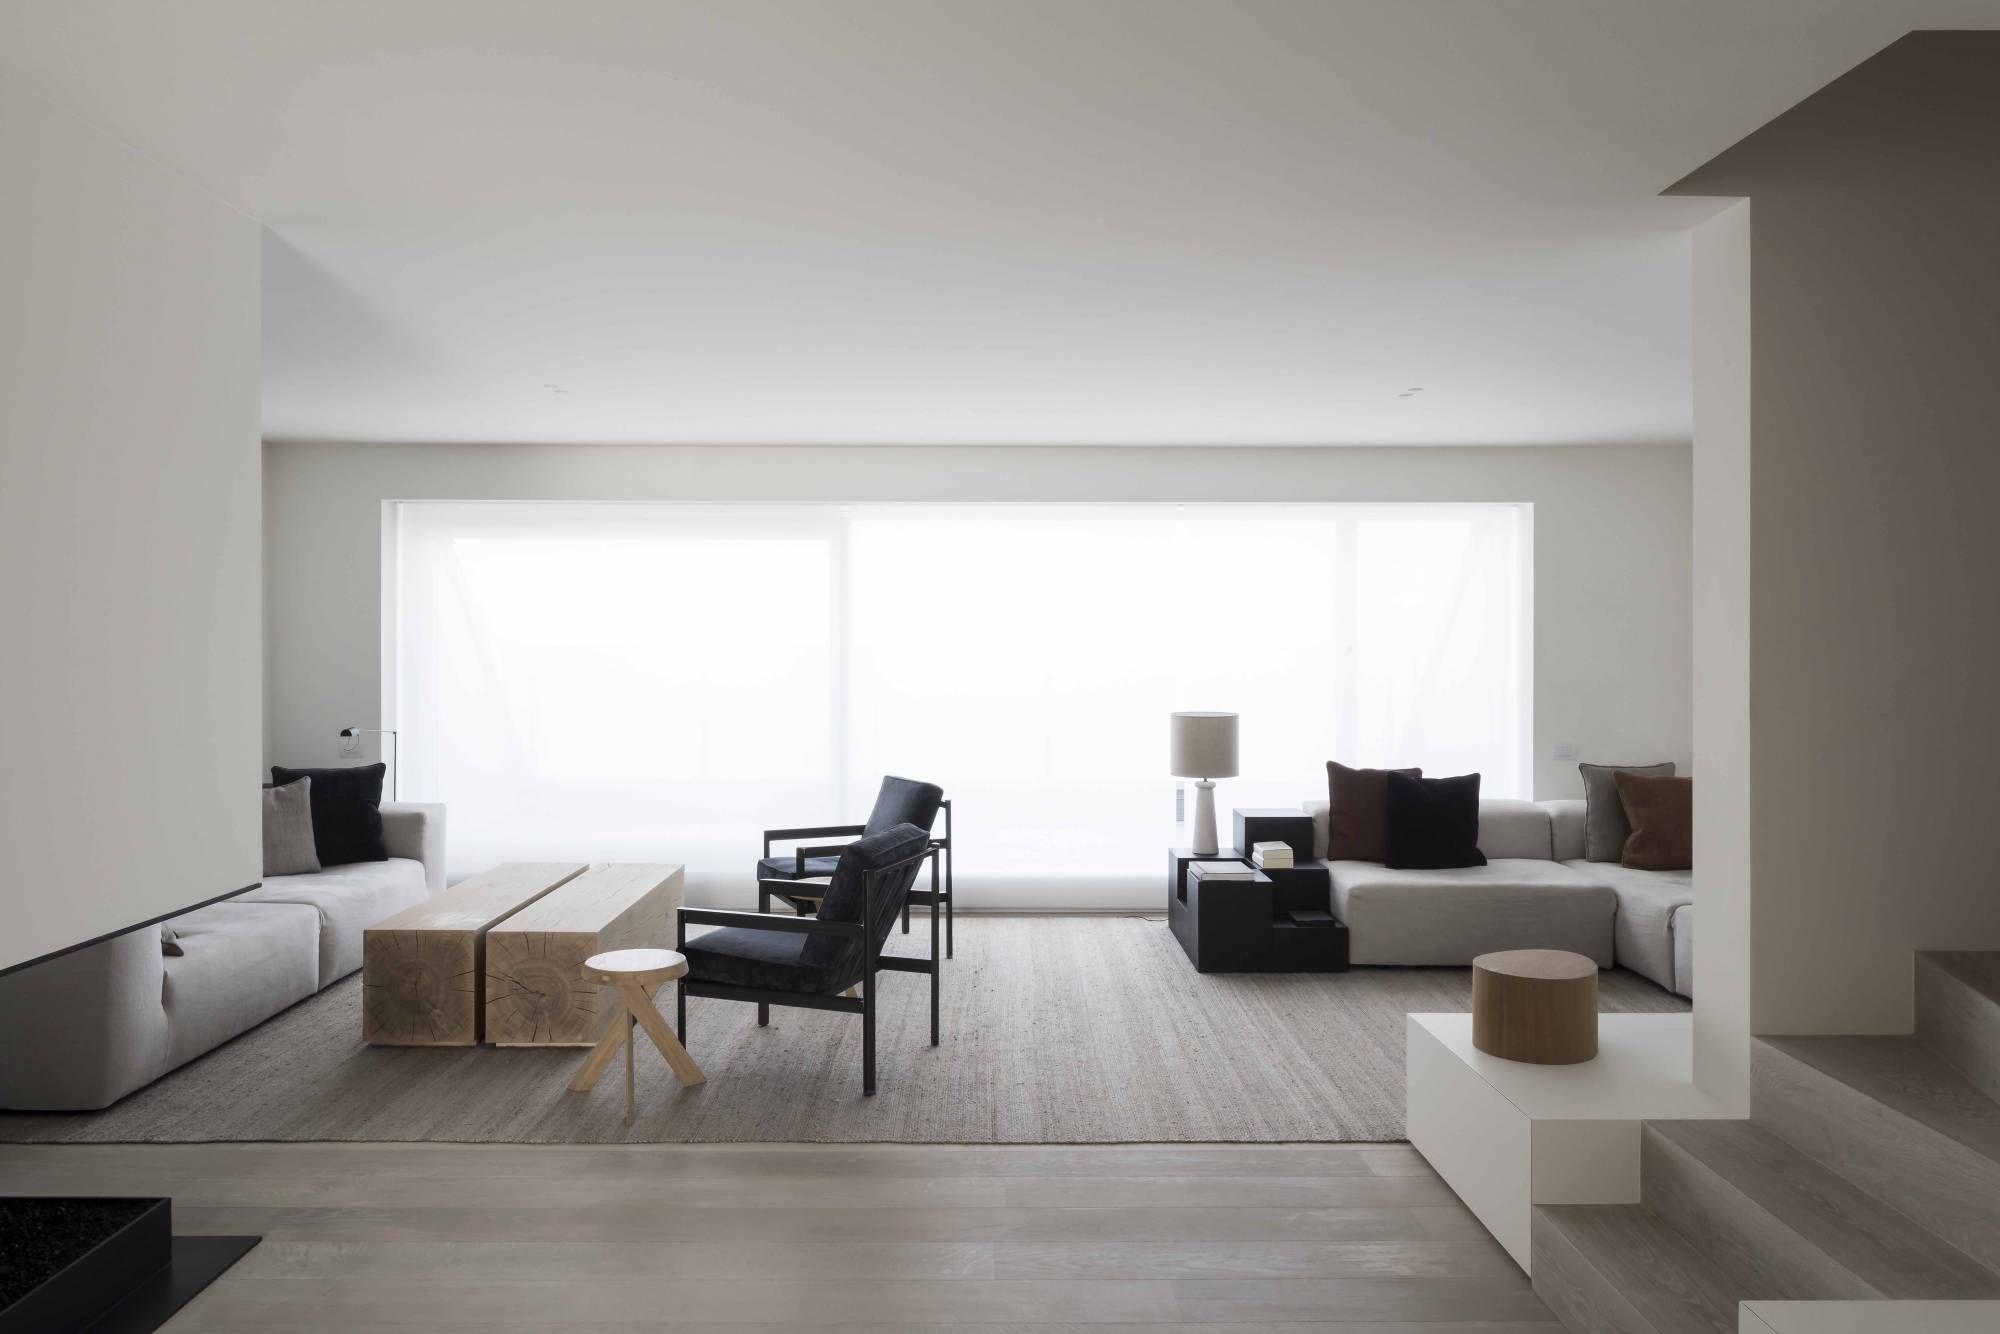 drd vincent van duysen photo koen van damme. Black Bedroom Furniture Sets. Home Design Ideas